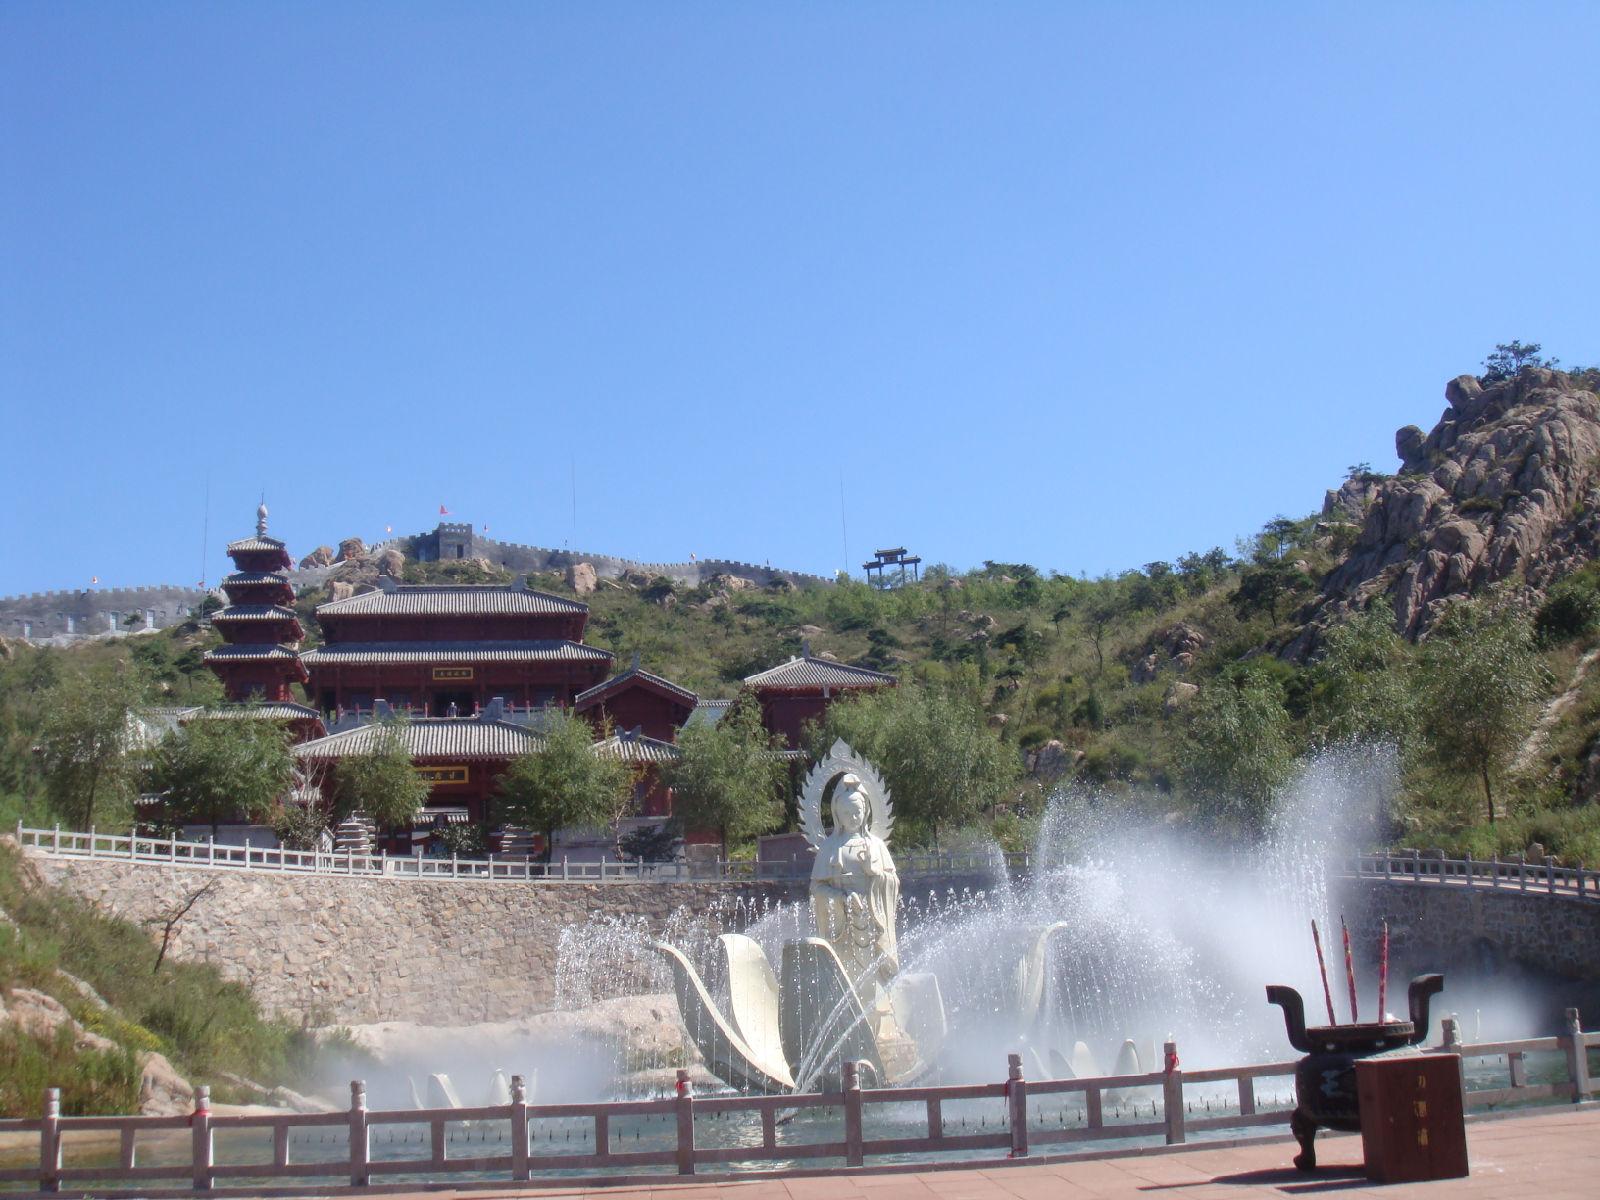 (已删除)山东·临沂·天马岛旅游区